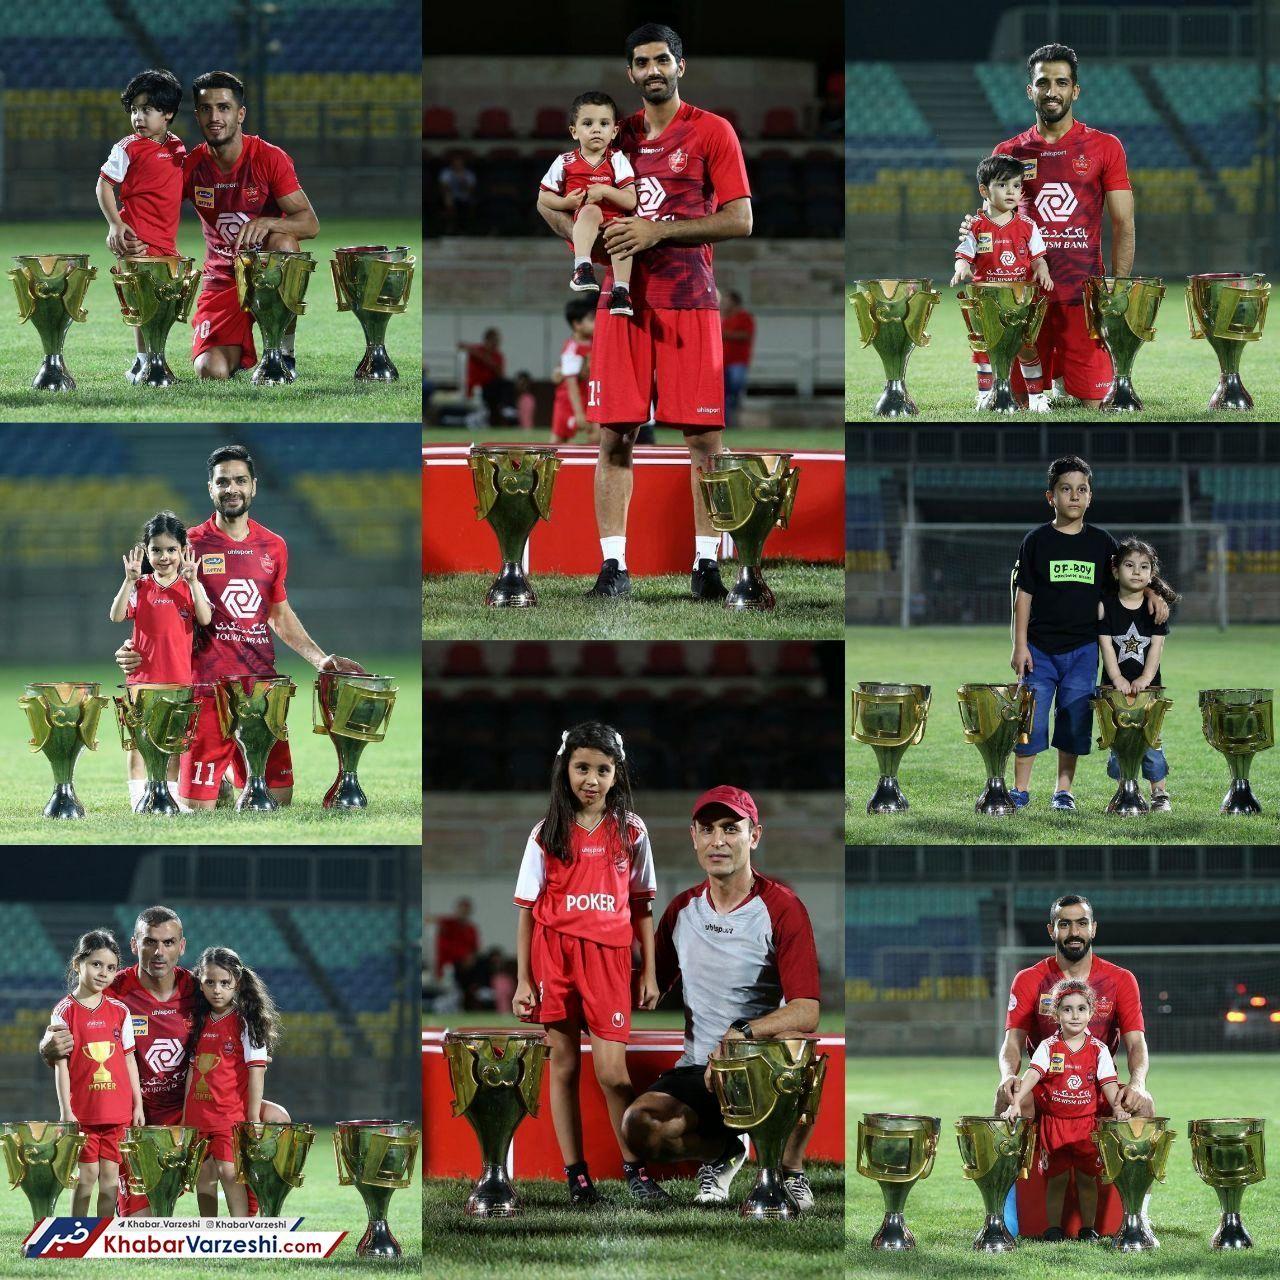 عکس یادگاری پرسپولیسیها به همراه فرزندانشان در کنار چهار جام قهرمانی